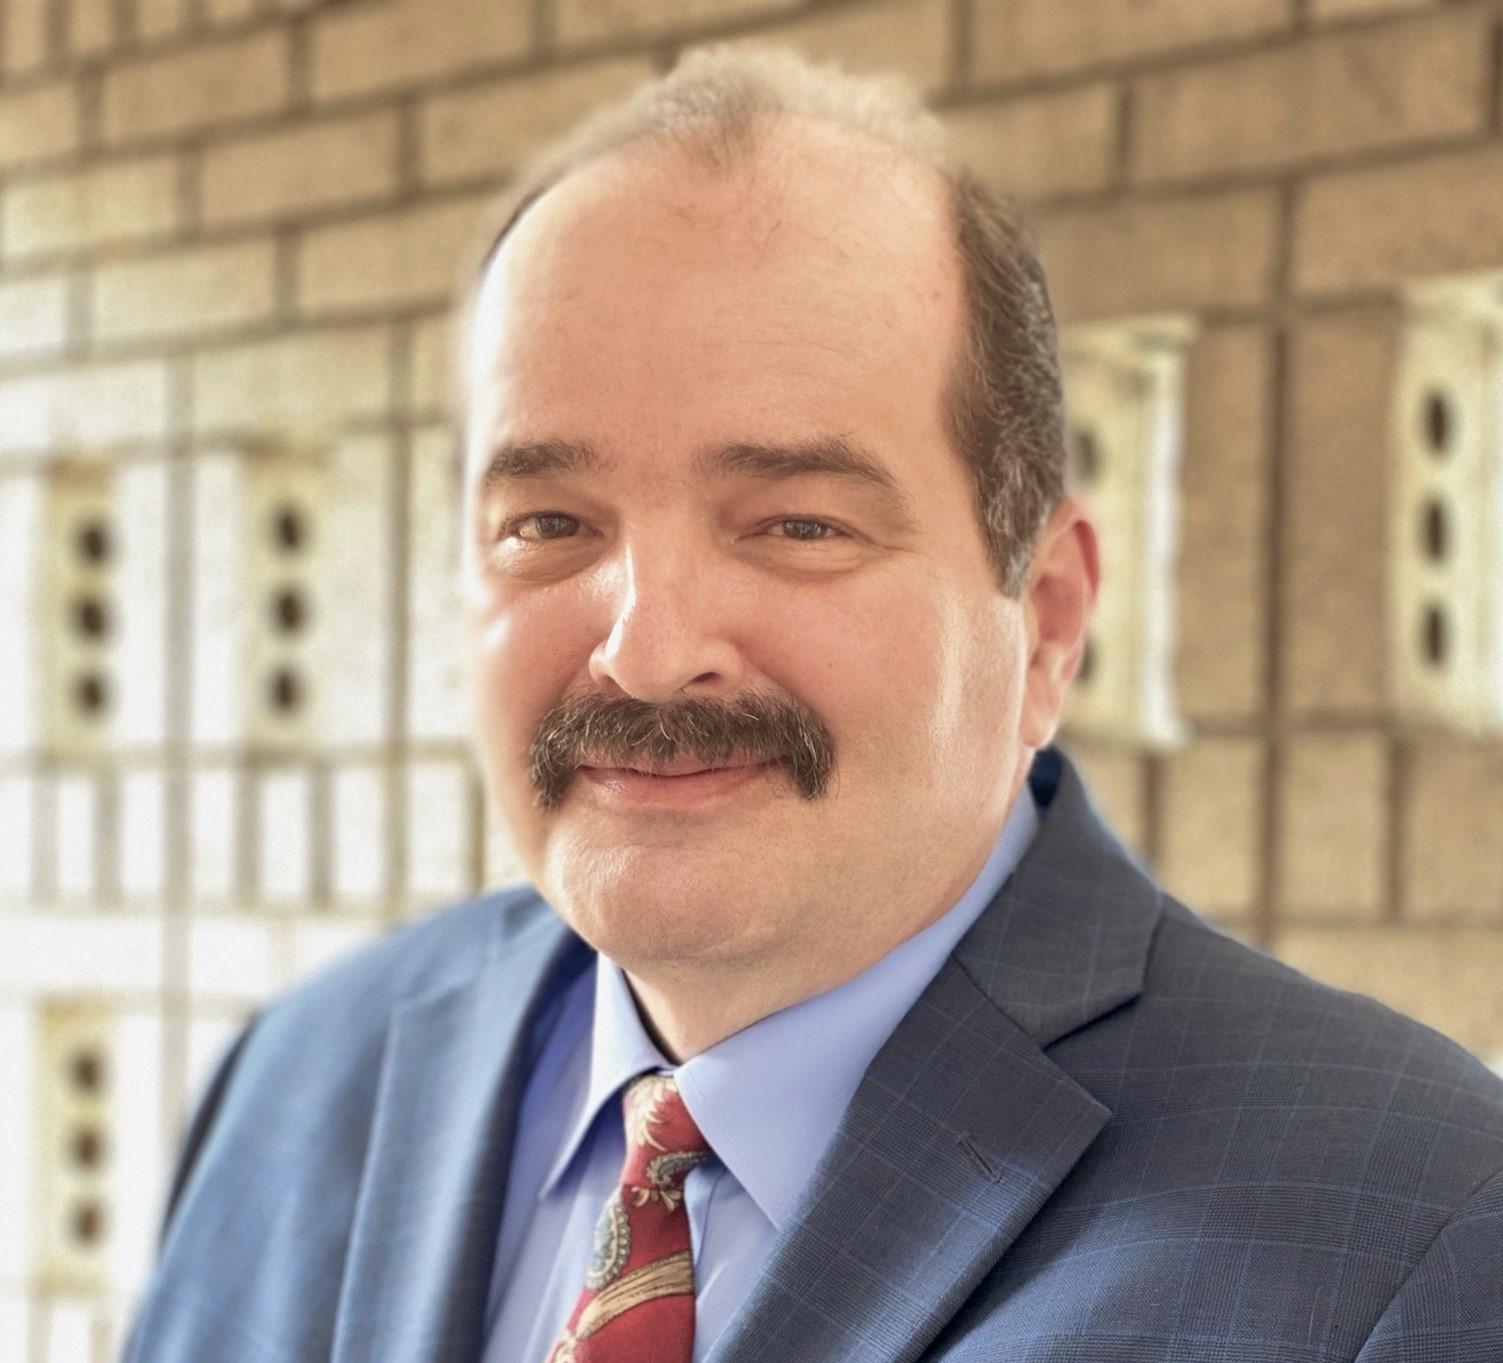 Michael DePhillips